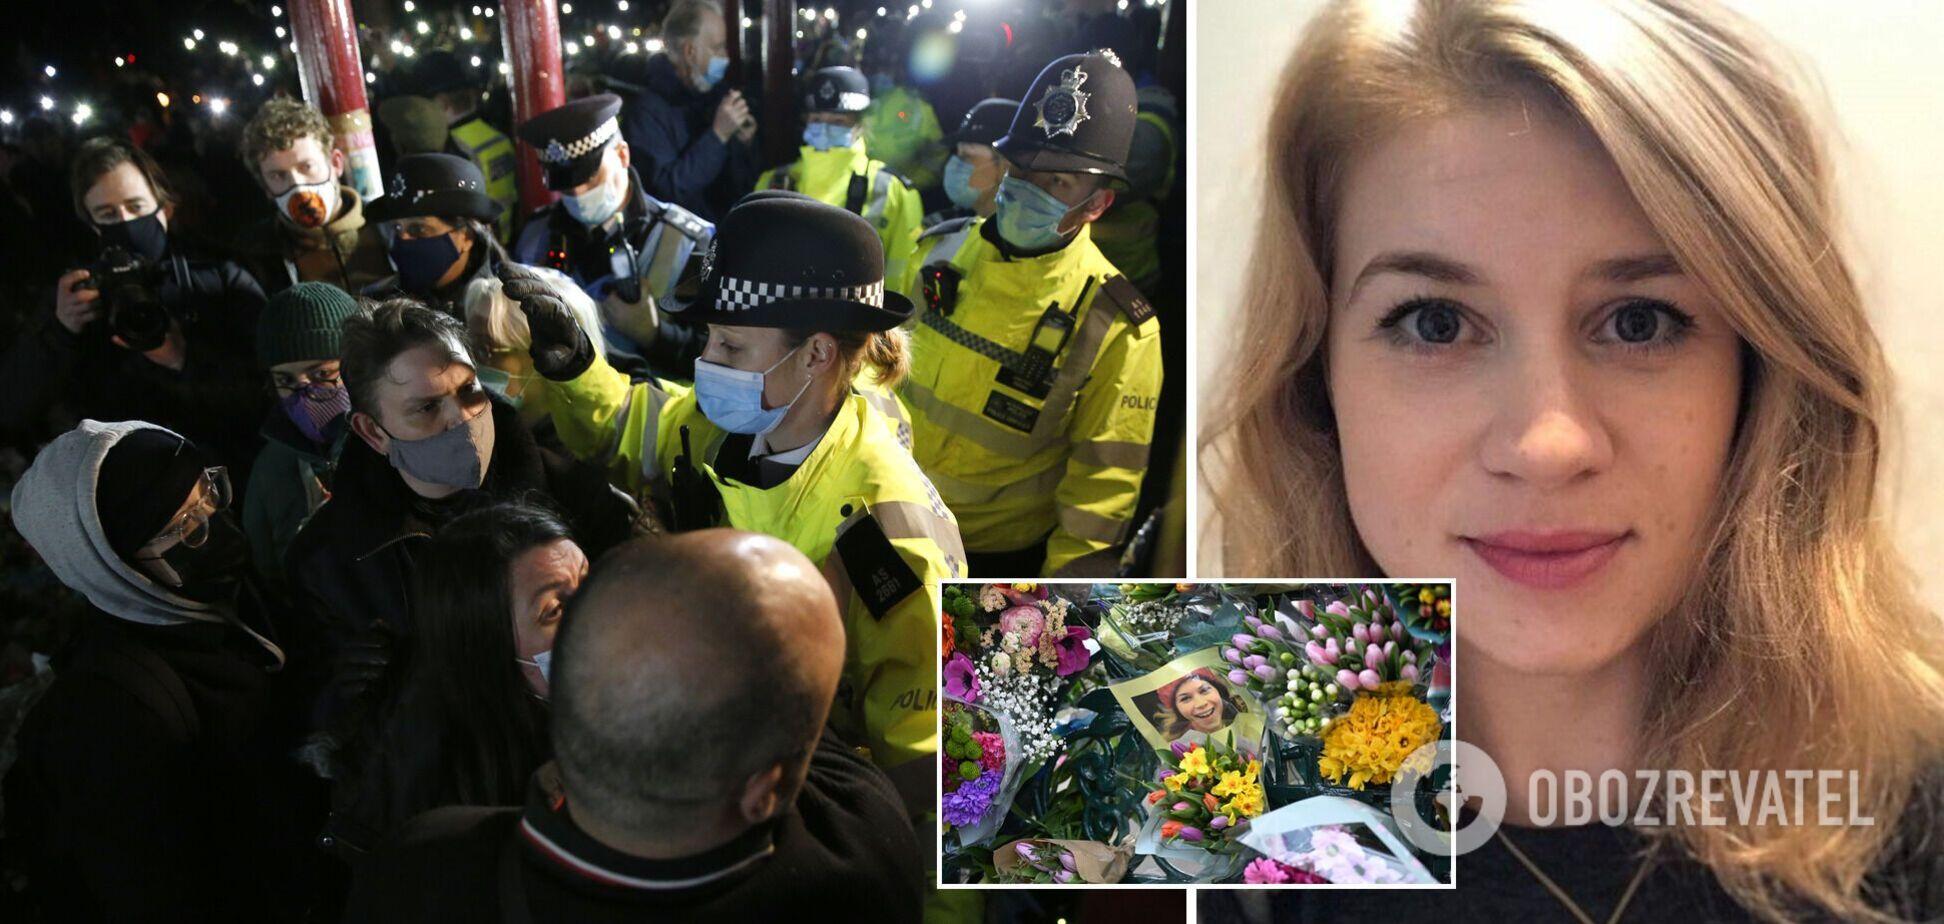 В Британии полиция жестоко разогнала акцию в память о Саре Эверард, убитой полицейским. Видео